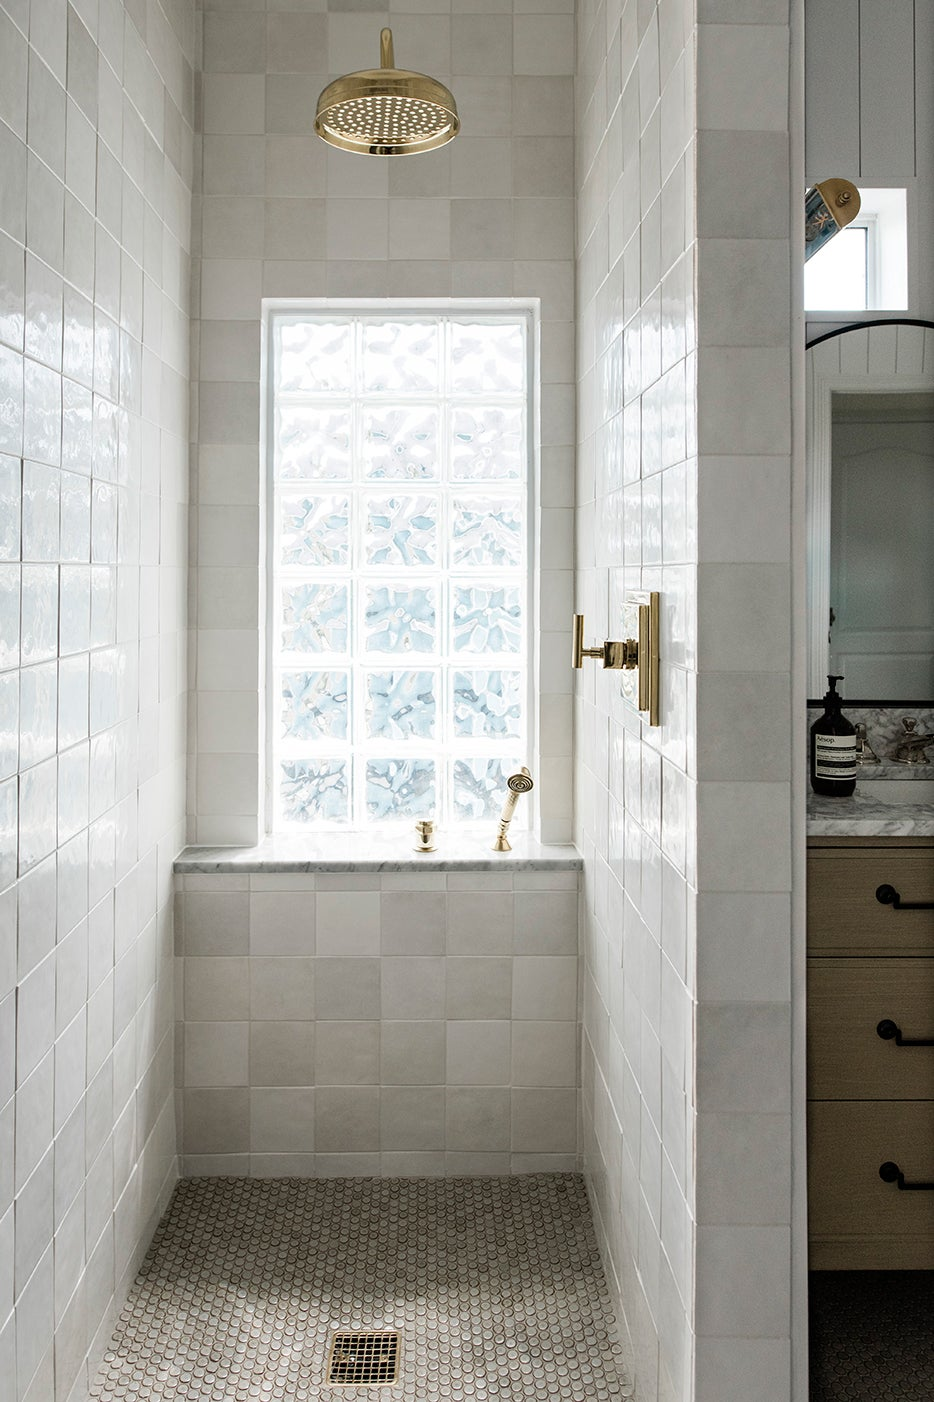 block window in shower